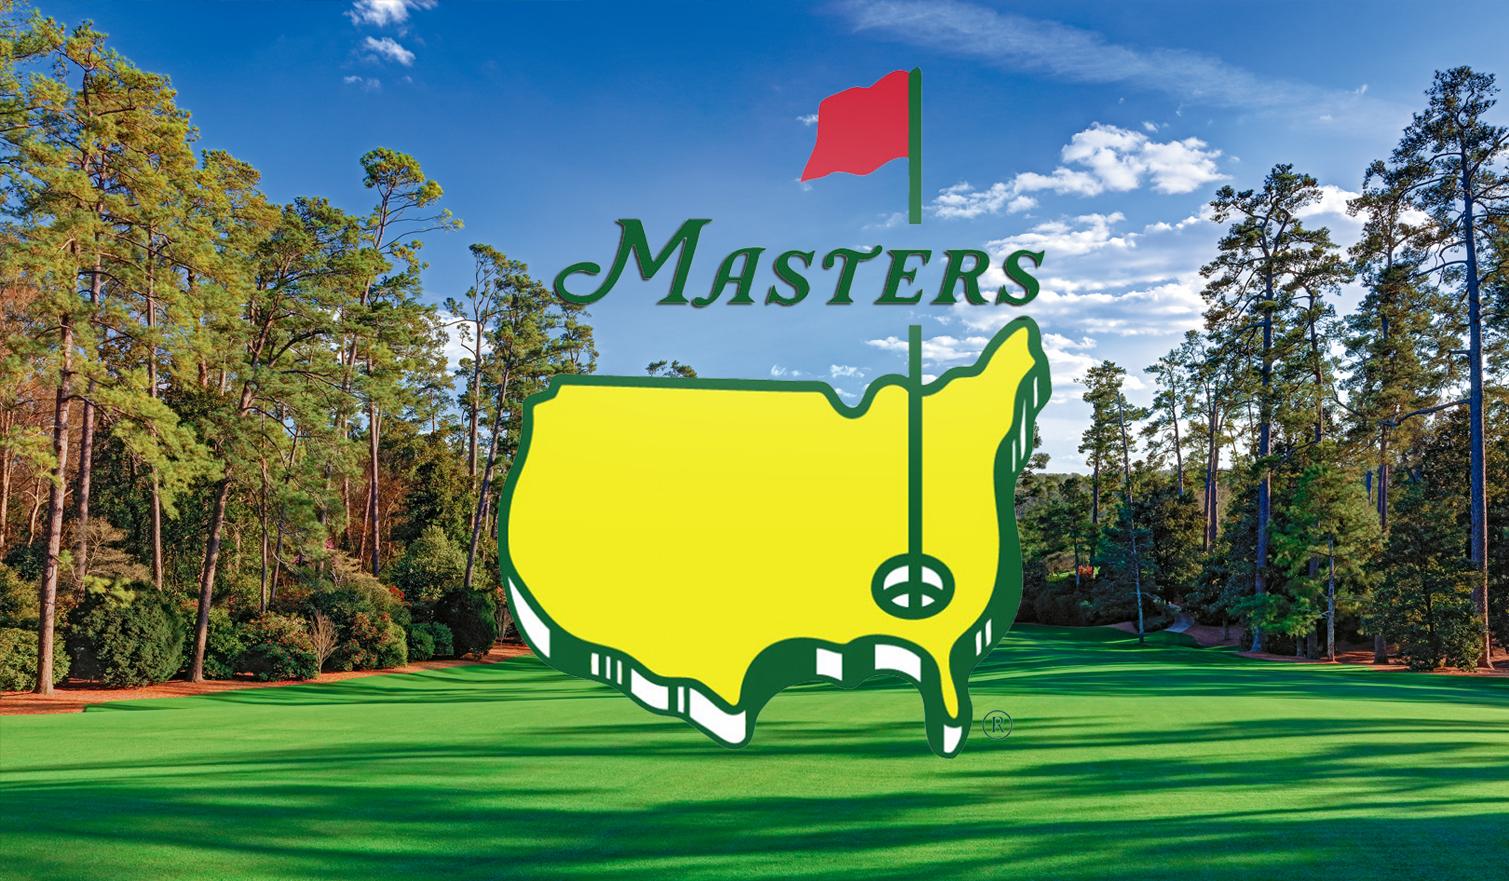 Masters_1557784947524-846624088.jpg